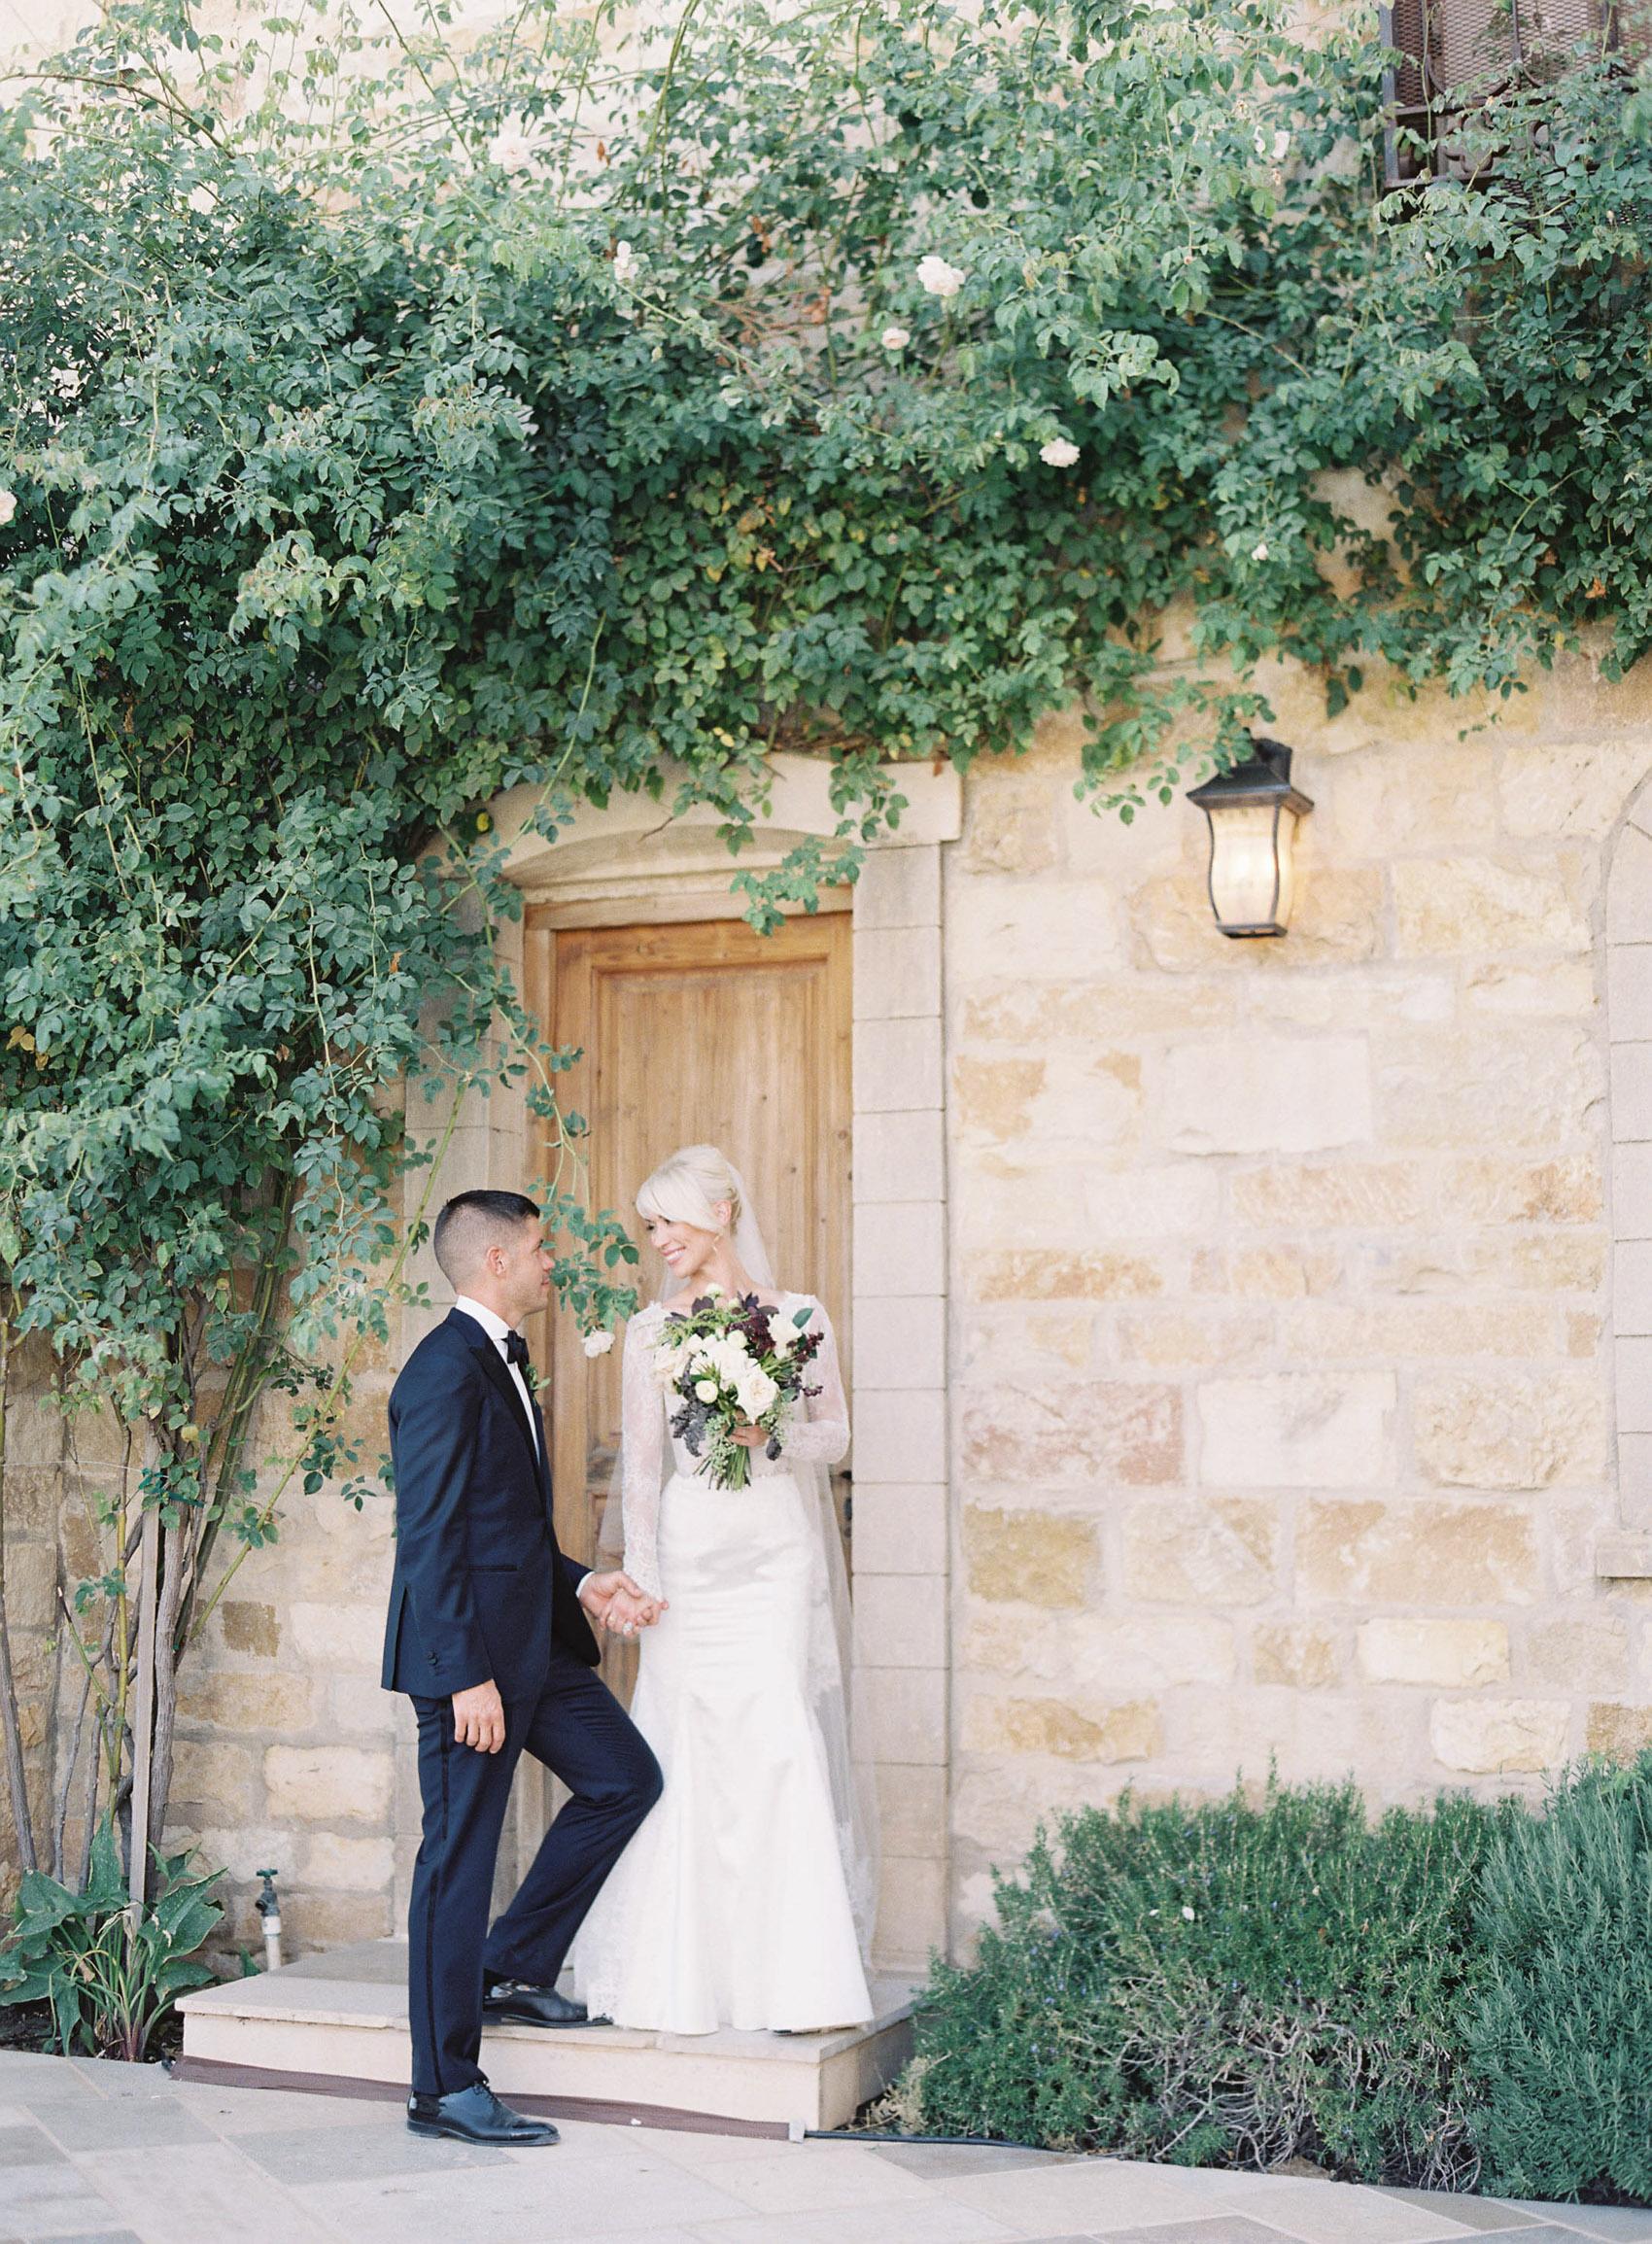 Sunstone_Villa_Wedding-58-Jen-Huang-JTEd-99-Jen_Huang-002836-R1-005.jpg